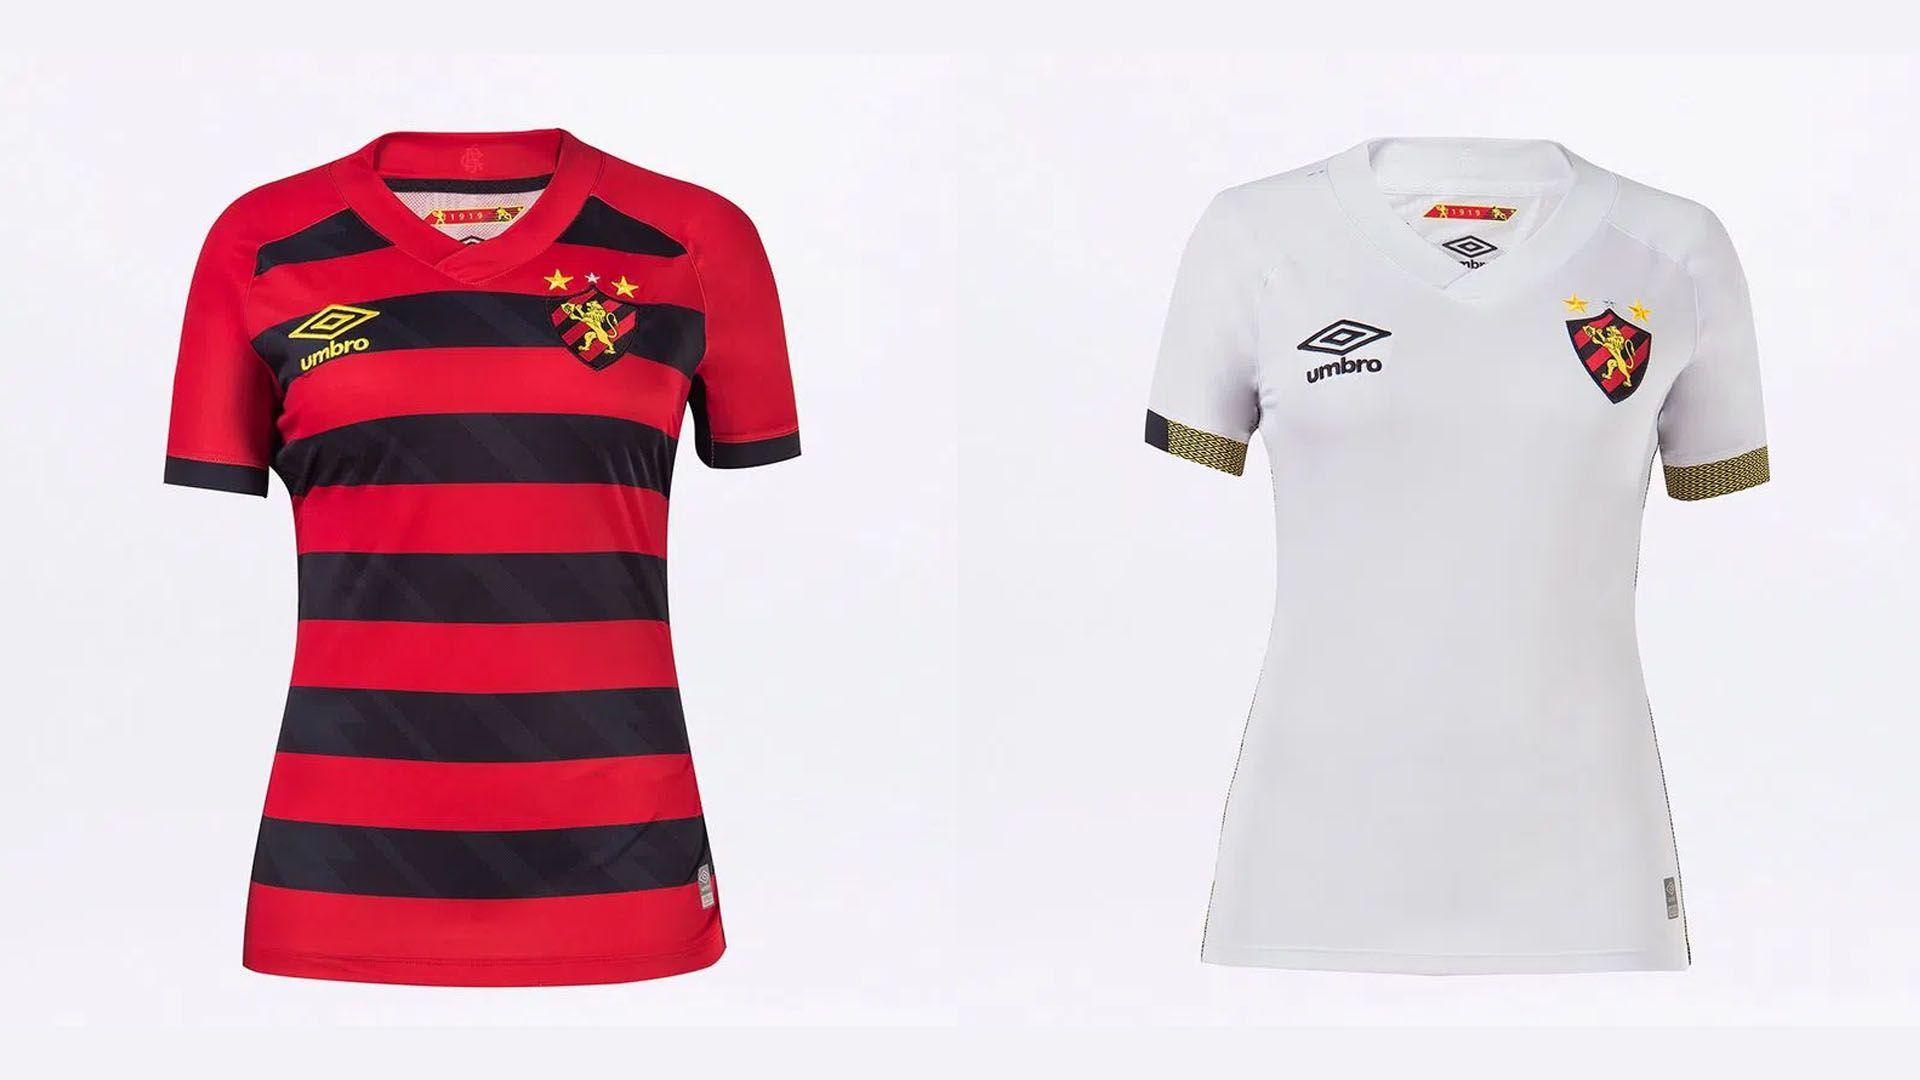 Camisa do Sport Feminina 2021 Umbro Jogo 1 e 2 (Imagem: Divulgação/Umbro)